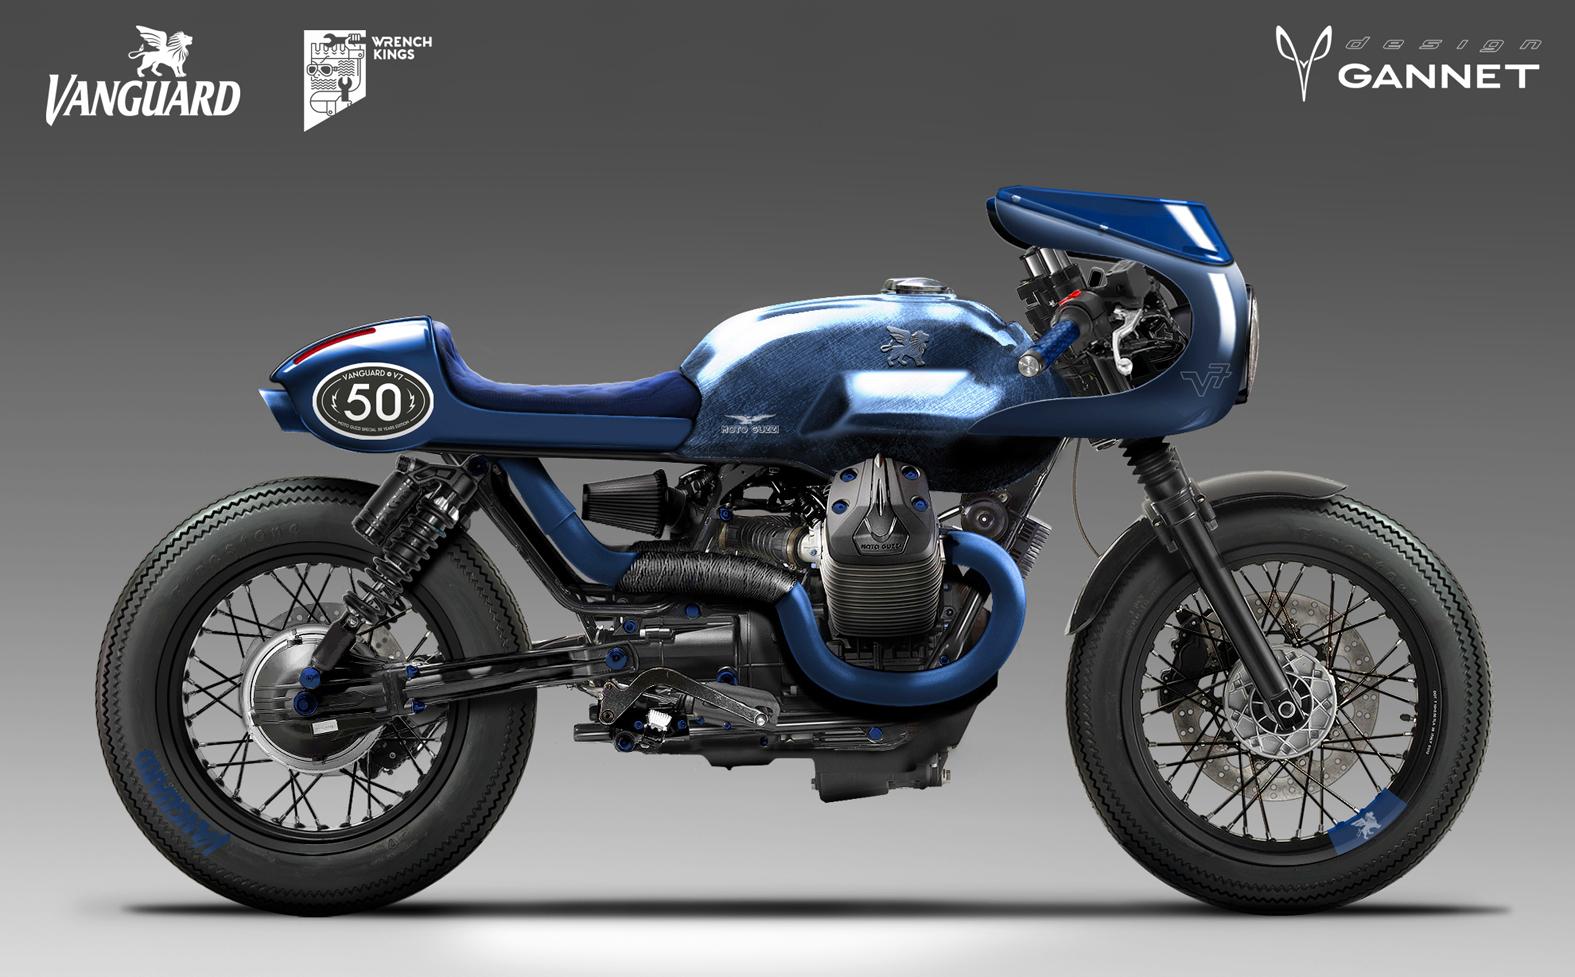 Vanguard Moto Guzzi V7 – GANNET Design